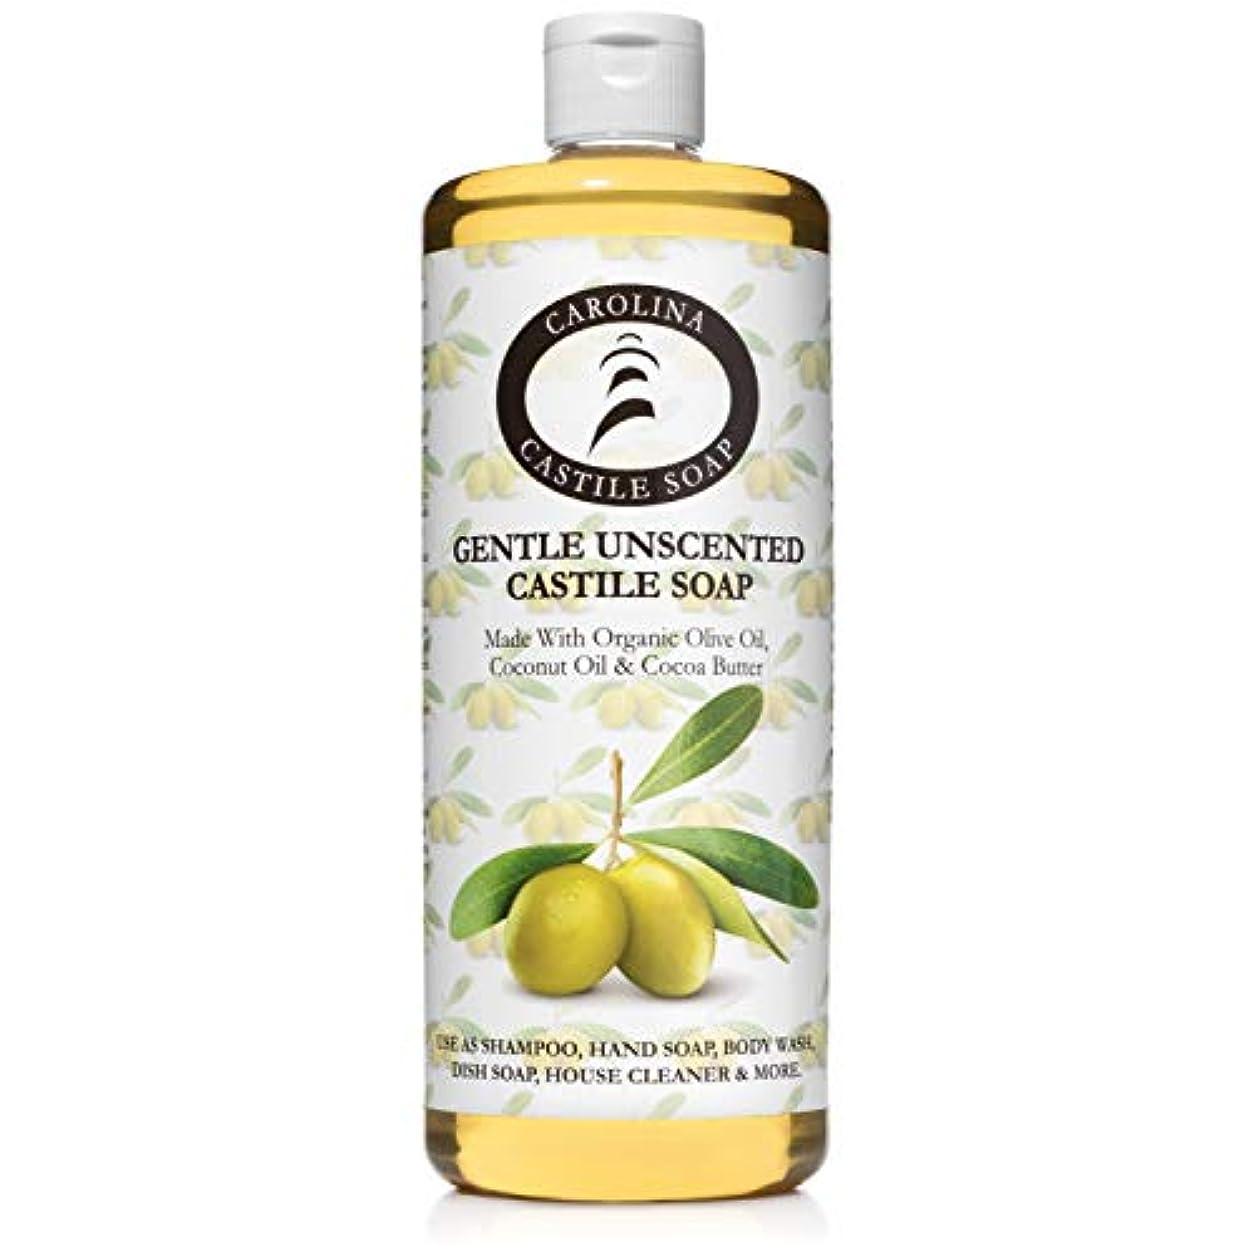 構成するに関してフレアCarolina Castile Soap ジェントル無香料認定オーガニック 32オズ